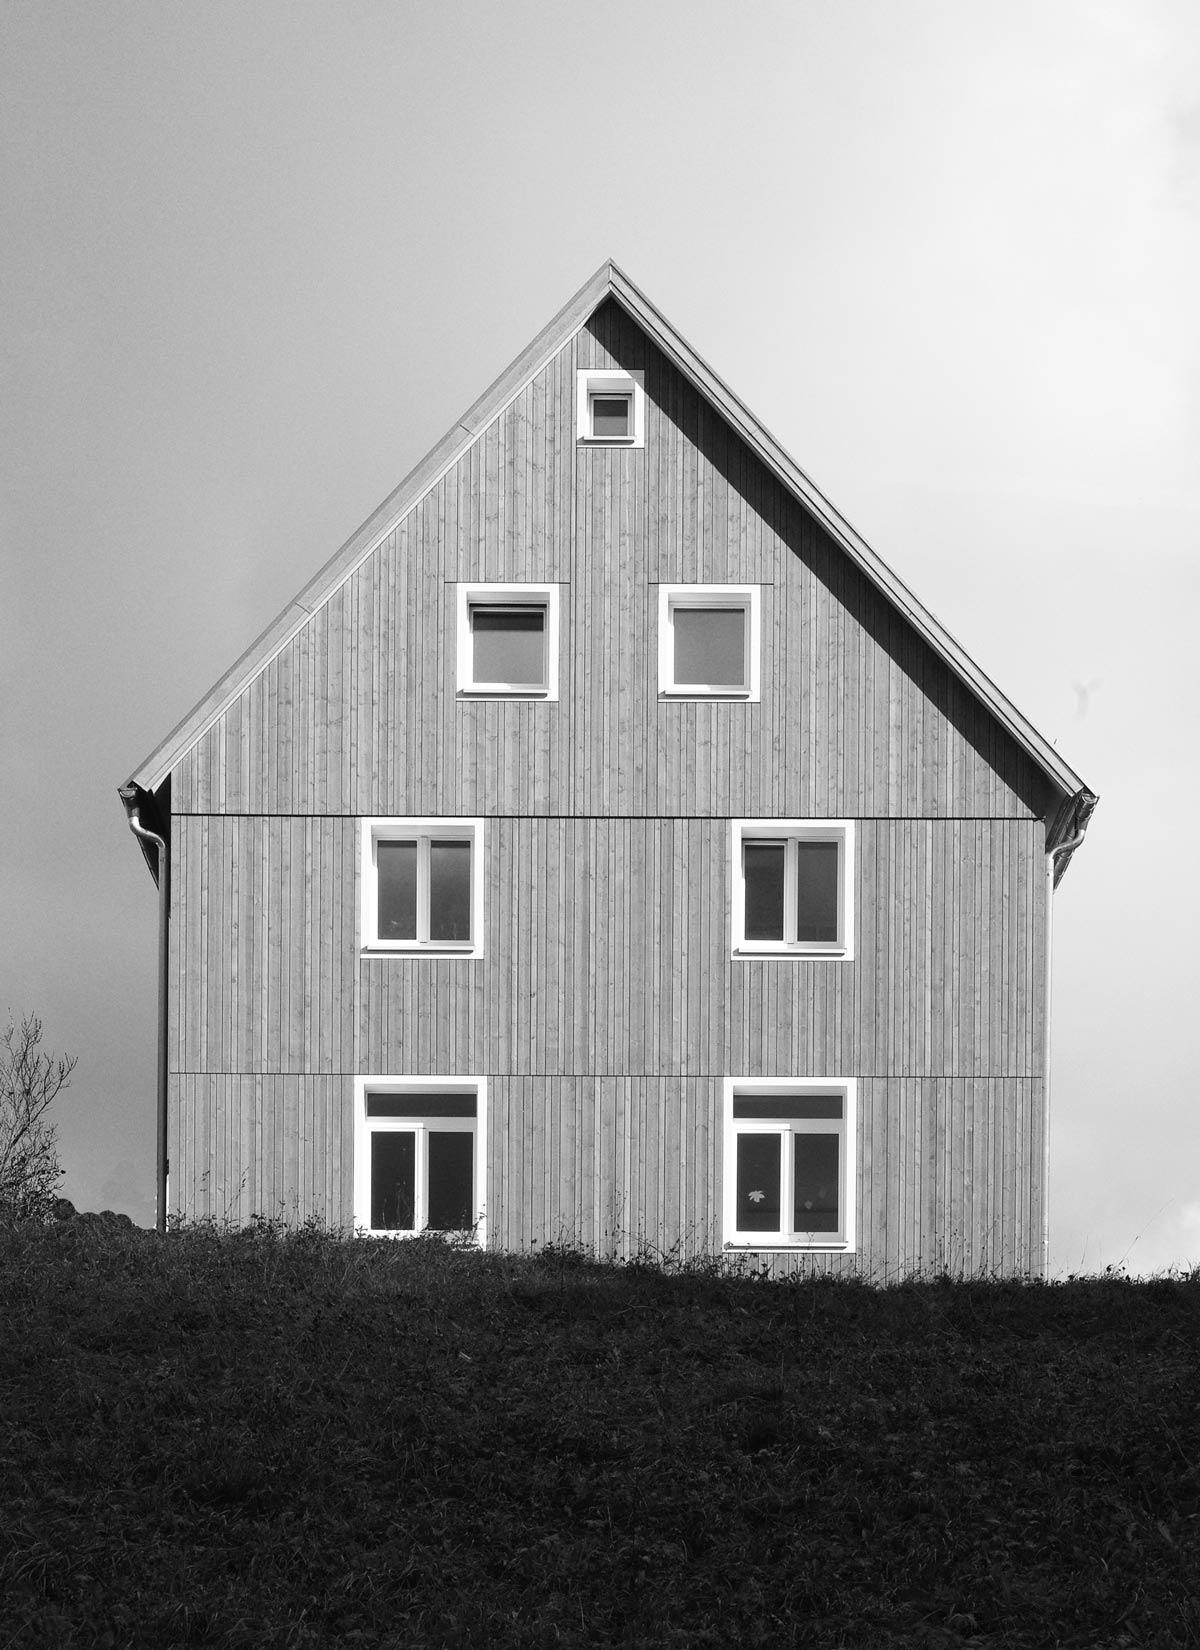 sanierung-bestand-architektur-holzfassade-giorno-buero-fuer-angewandte-baukunst